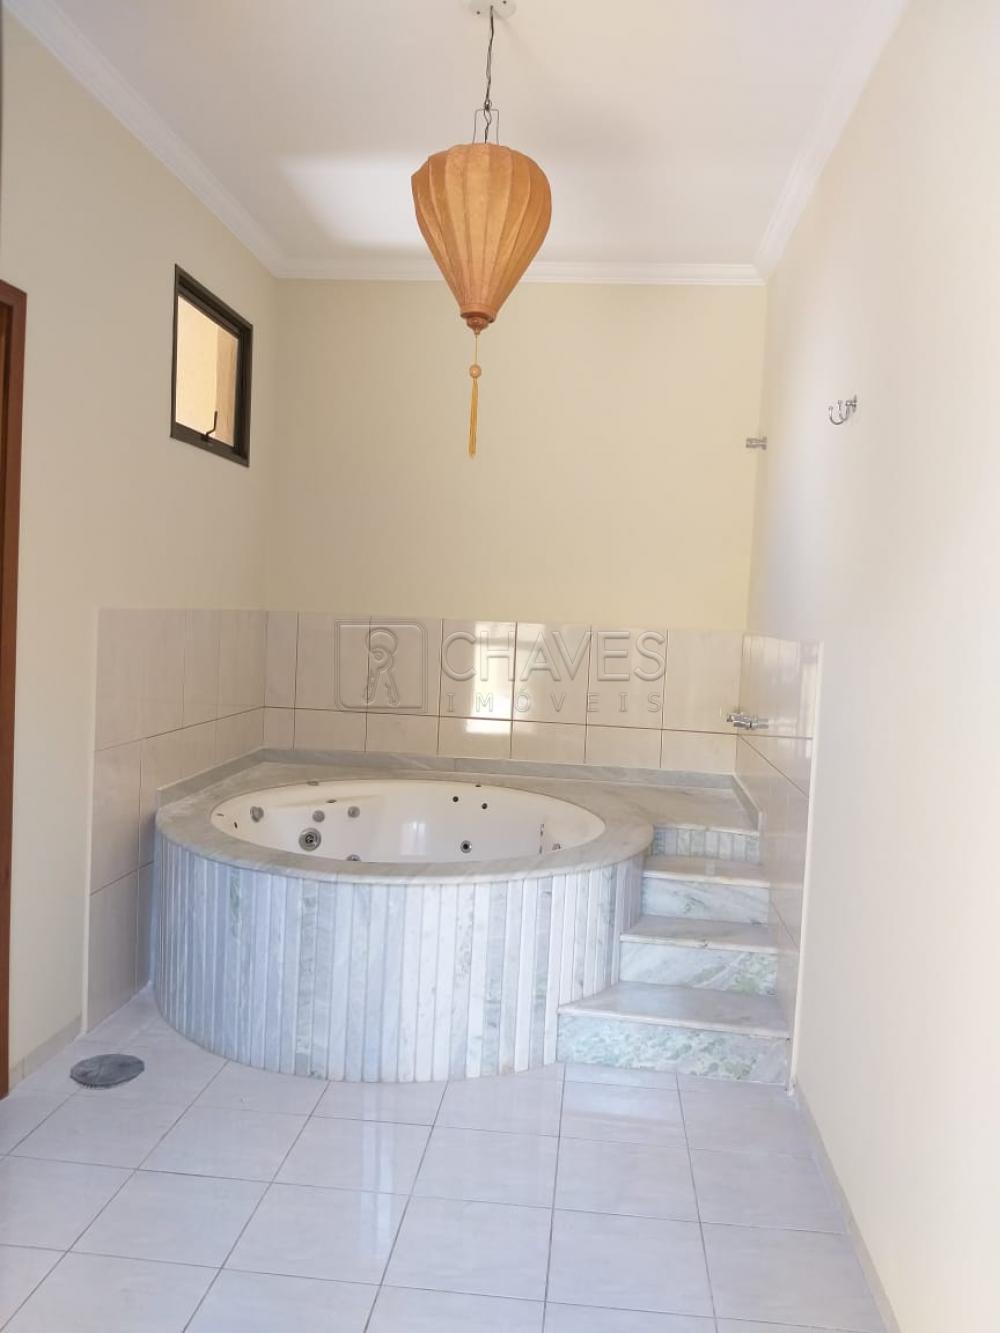 Comprar Casa / Condomínio em Bonfim Paulista apenas R$ 550.000,00 - Foto 14